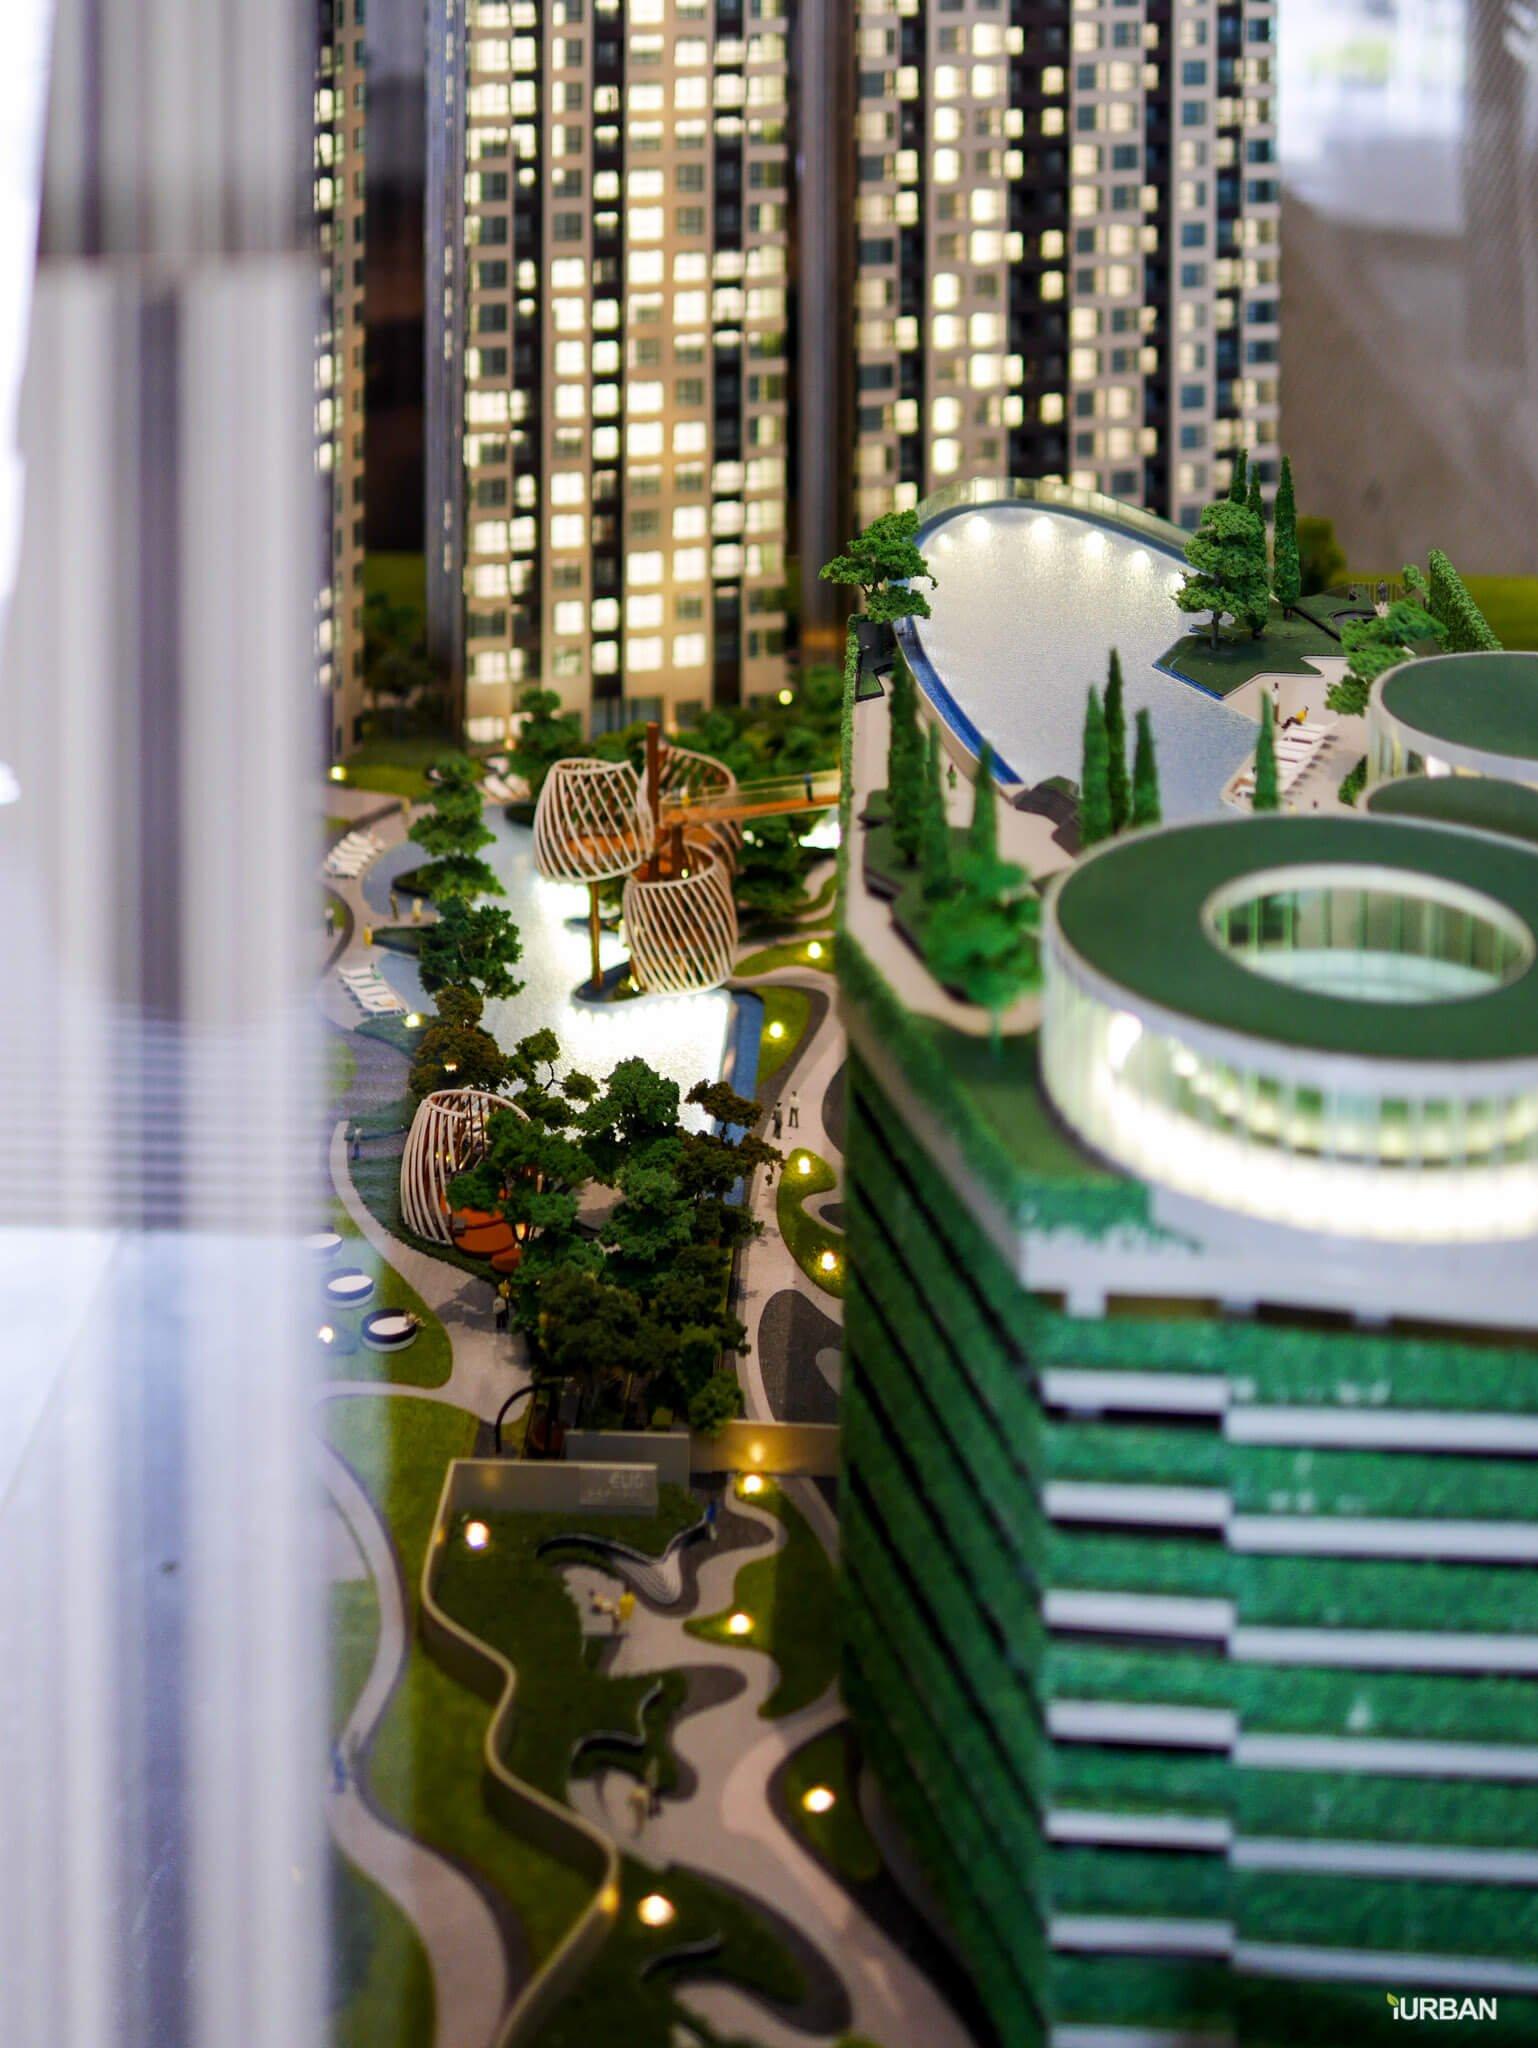 ELIO DEL NEST คอนโดส่วนกลางใหญ่ 4 ไร่ ใกล้ BTS อุดมสุข เริ่ม 2.29 ล้าน 24 - Ananda Development (อนันดา ดีเวลลอปเม้นท์)